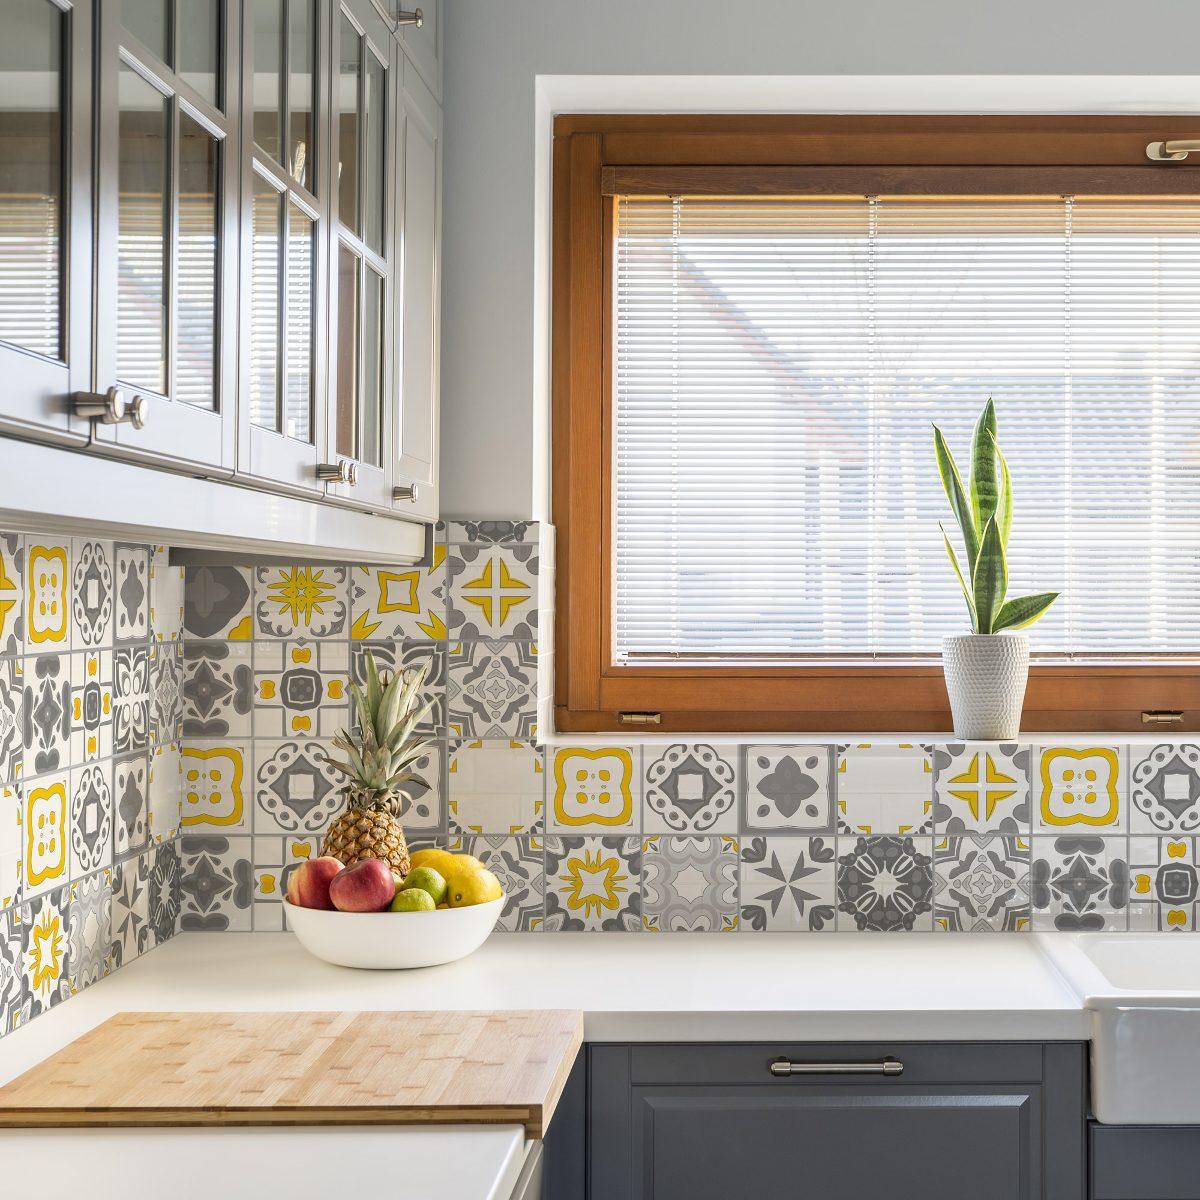 Adesivo azulejo cozinha 15x15 36un vigo amarelo e cinza r 49 90 em mercado livre - Azulejo sobre azulejo ...